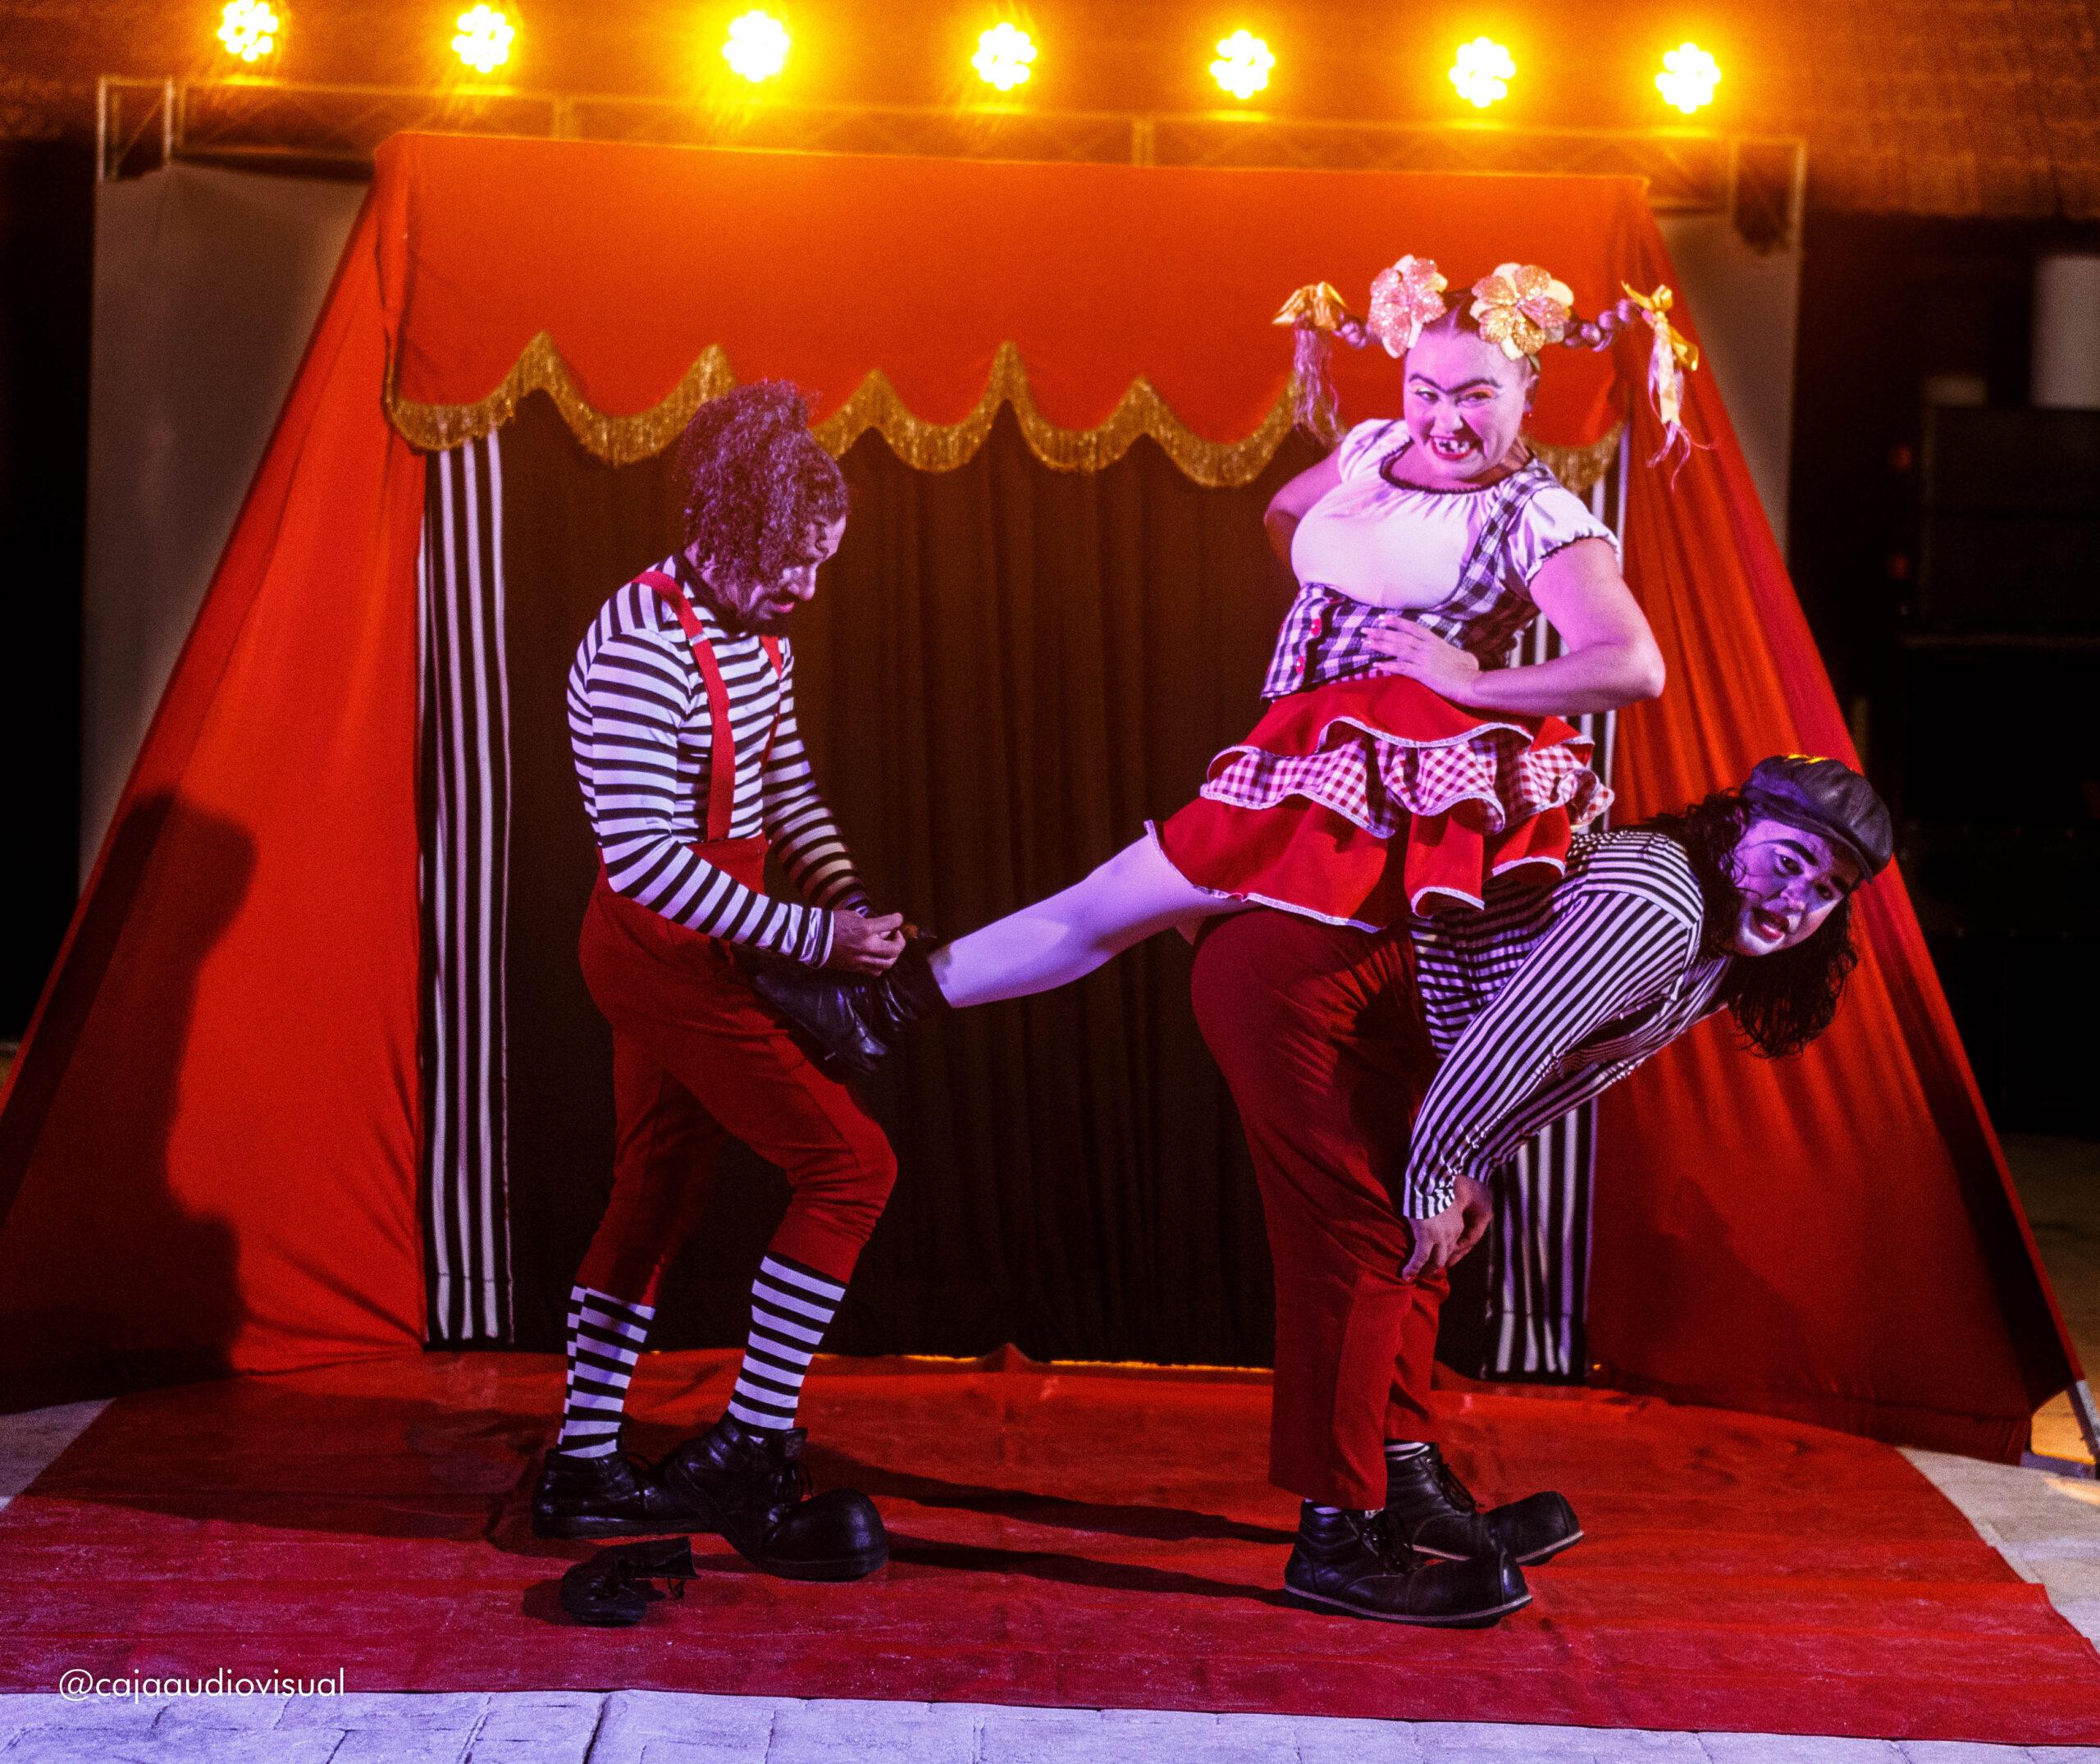 Dragão do Mar celebra Dia do Teatro e do Circo com 10 espetáculos virtuais ao longo do mês